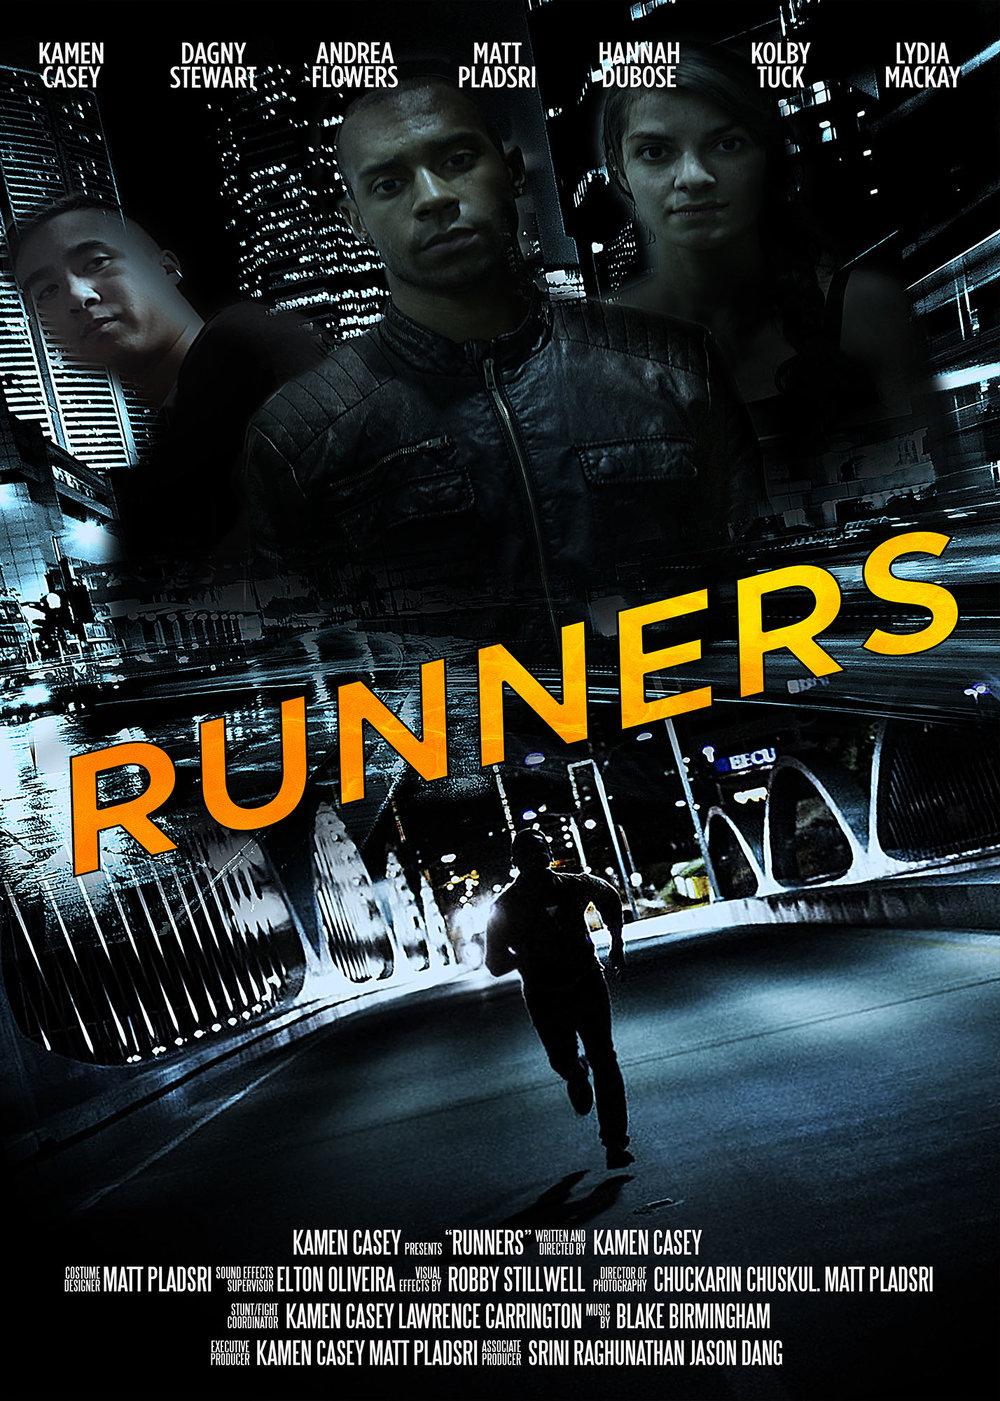 Runners - Poster Image.jpg